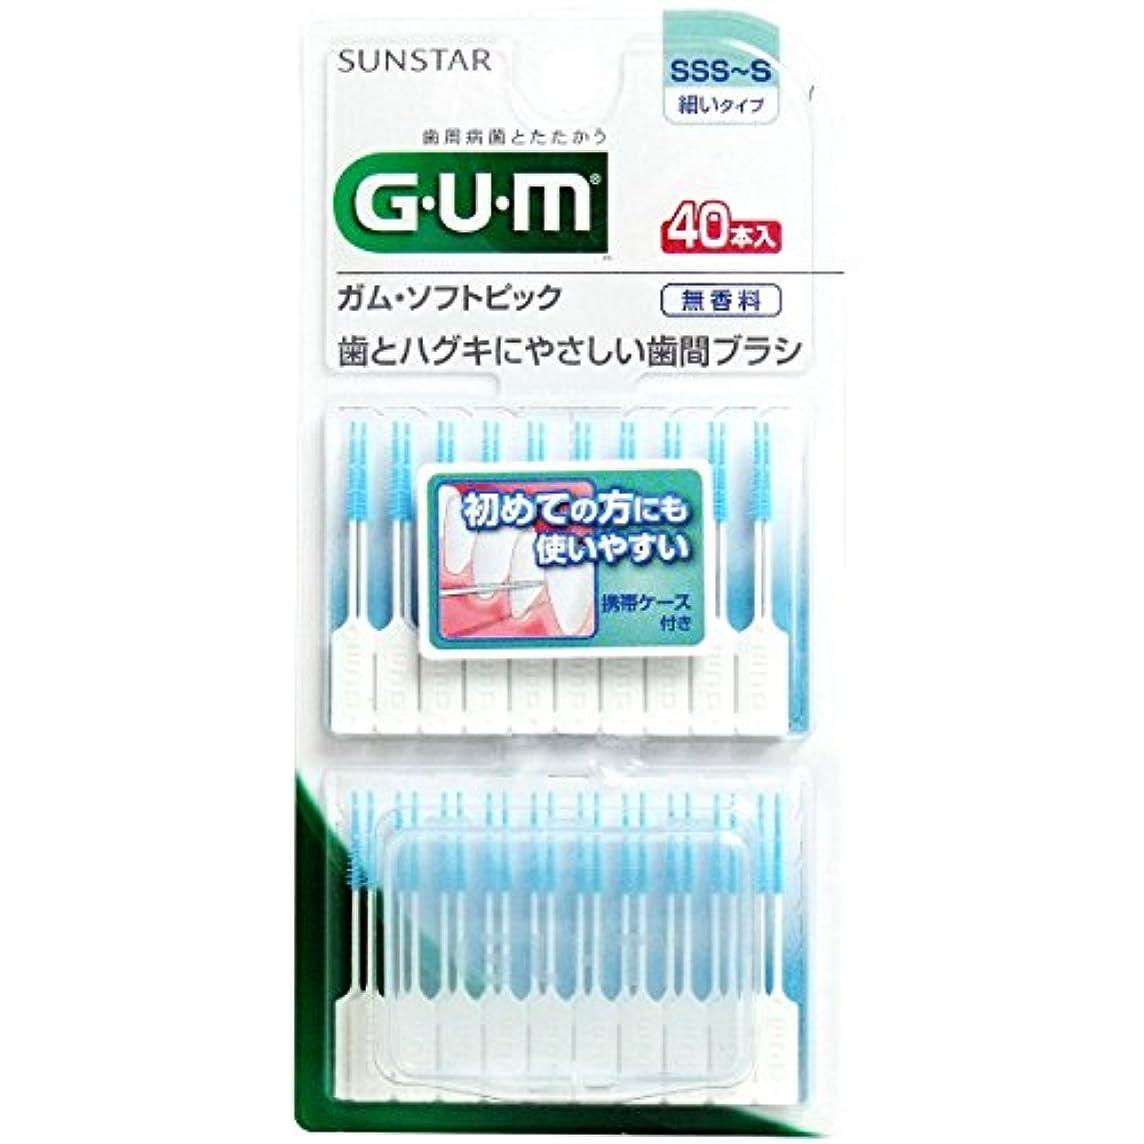 哲学的不誠実世界に死んだ【まとめ買い】GUM(ガム) ソフトピック40P 無香料 [SSS~S] (4個)